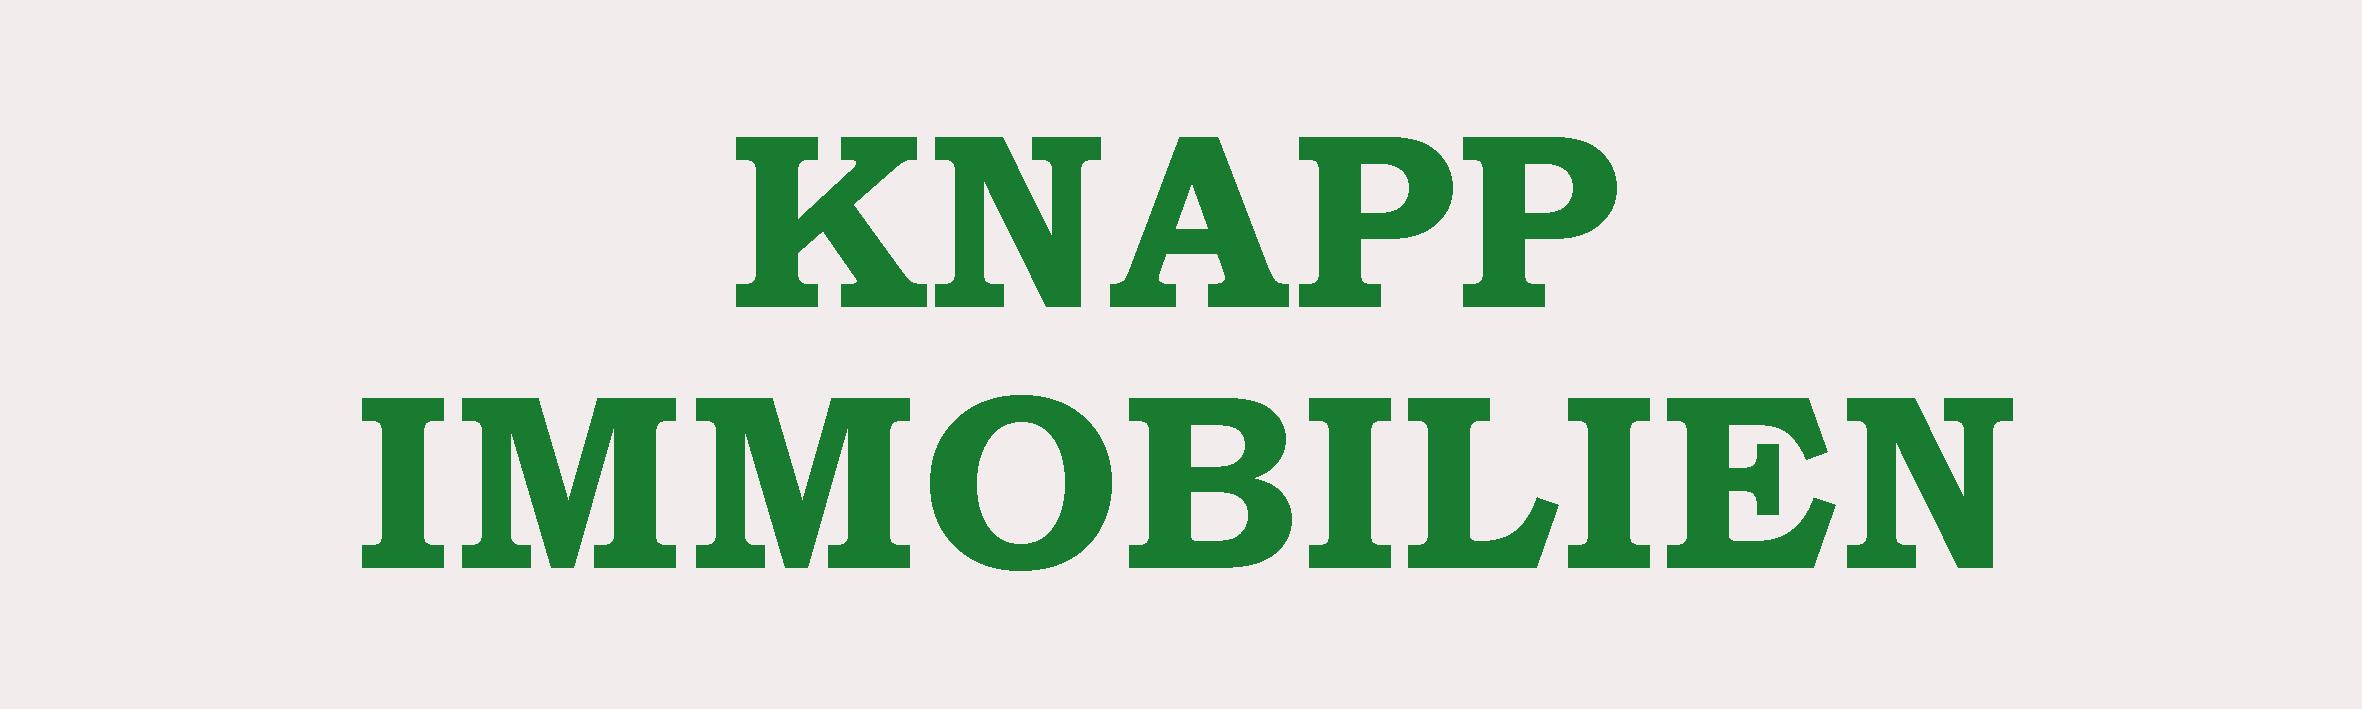 Hier sehen Sie das Logo von Knapp Immobilien